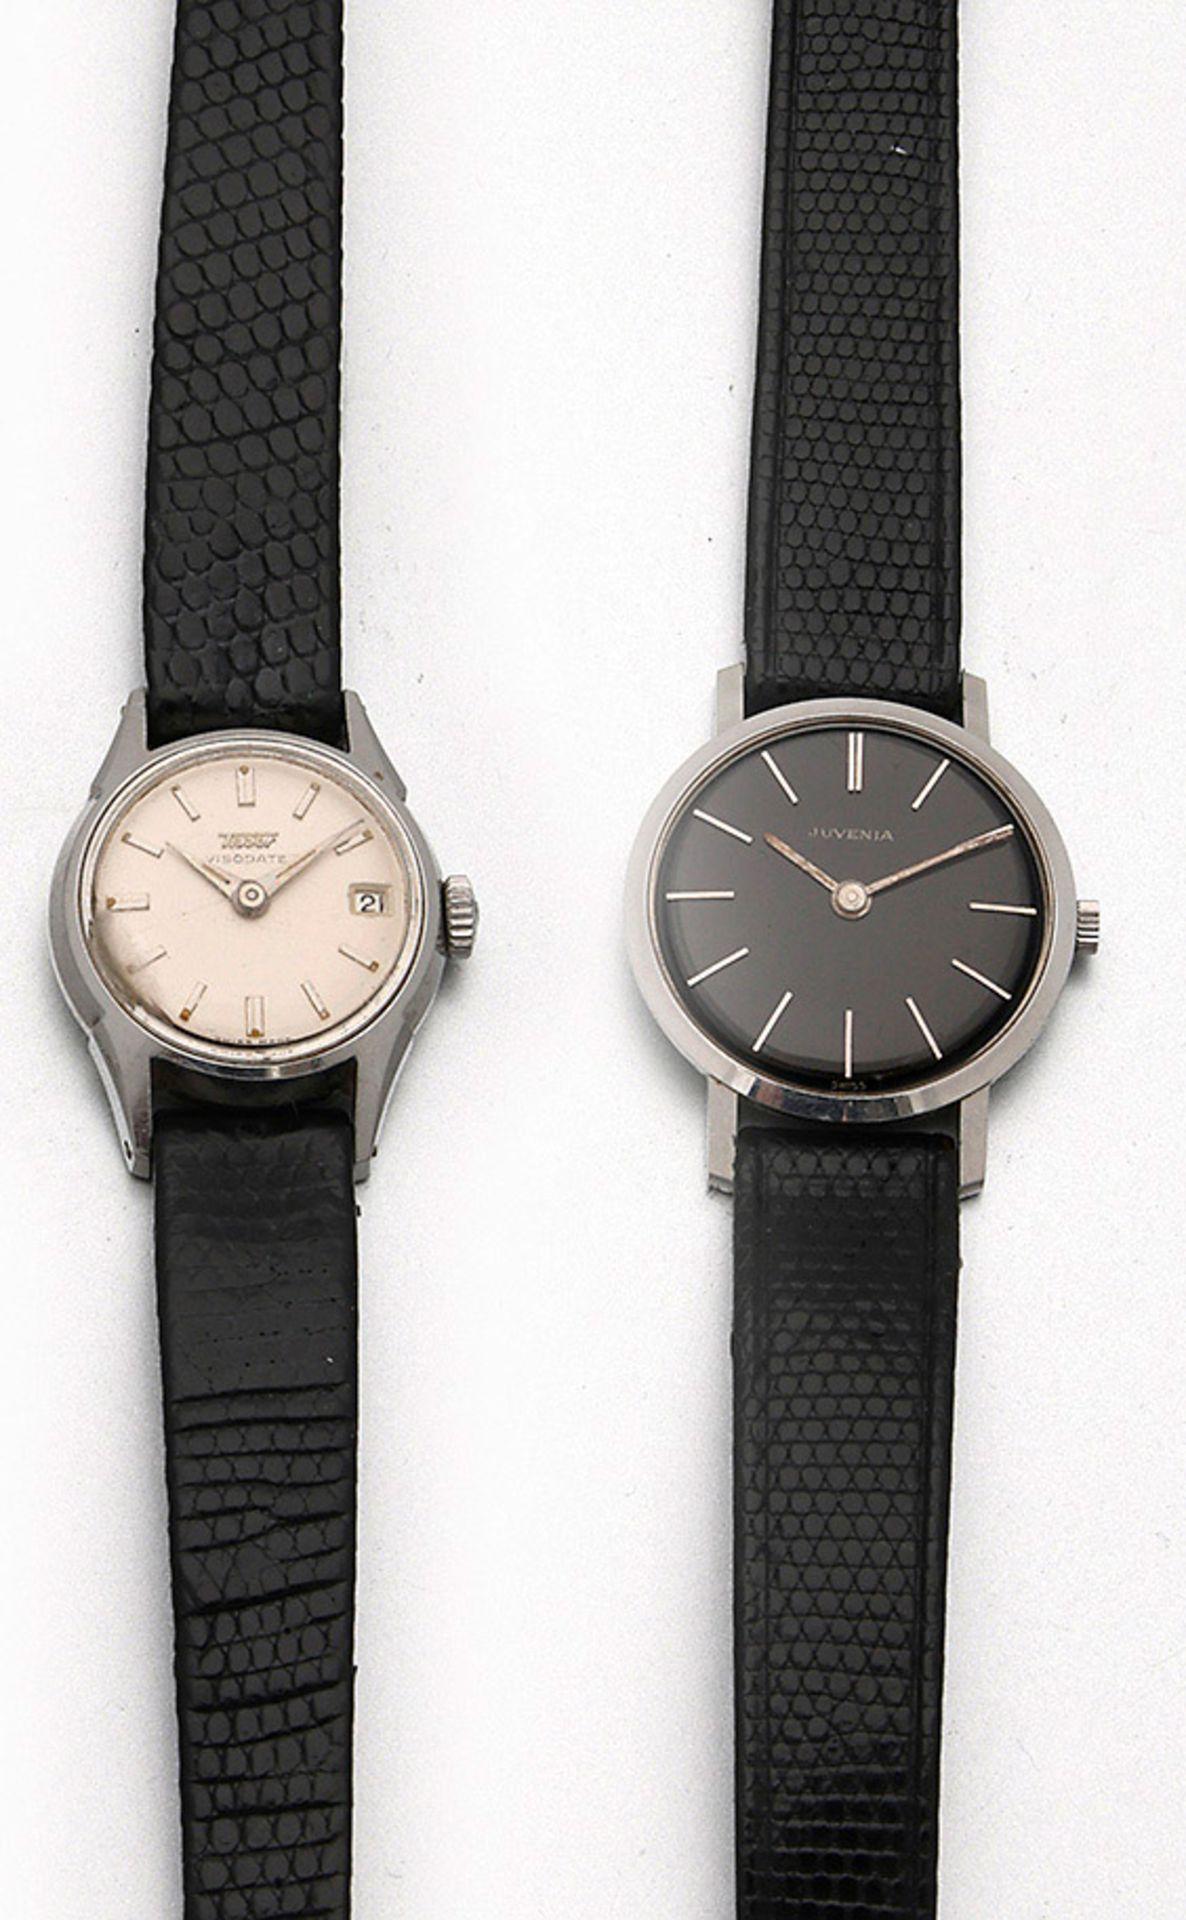 Zwei Damenarmbanduhren von Tissot bzw. Juvenia